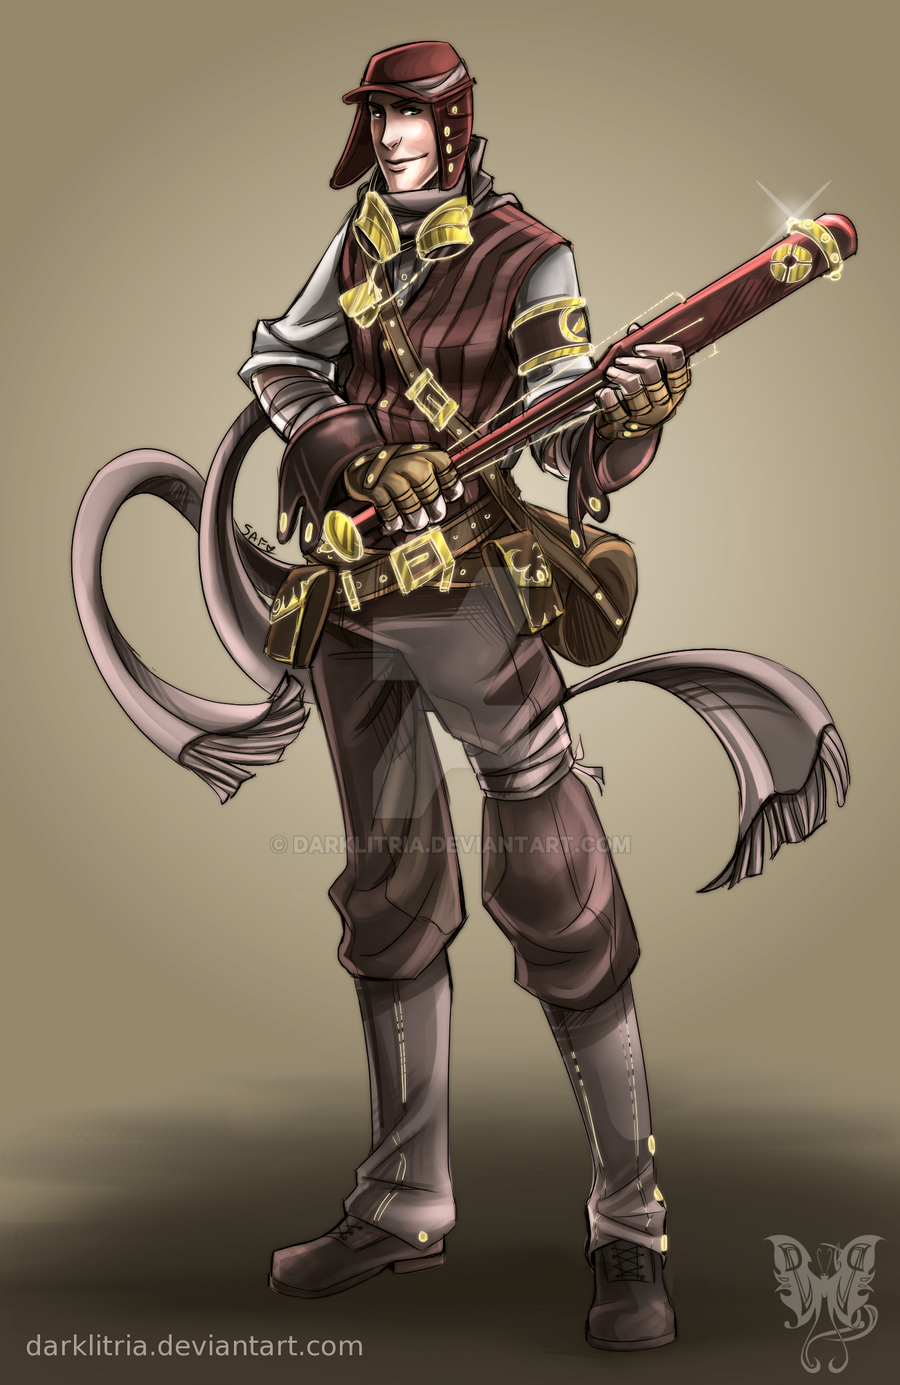 TF2: Steampunk Scout coloured by DarkLitria on DeviantArt